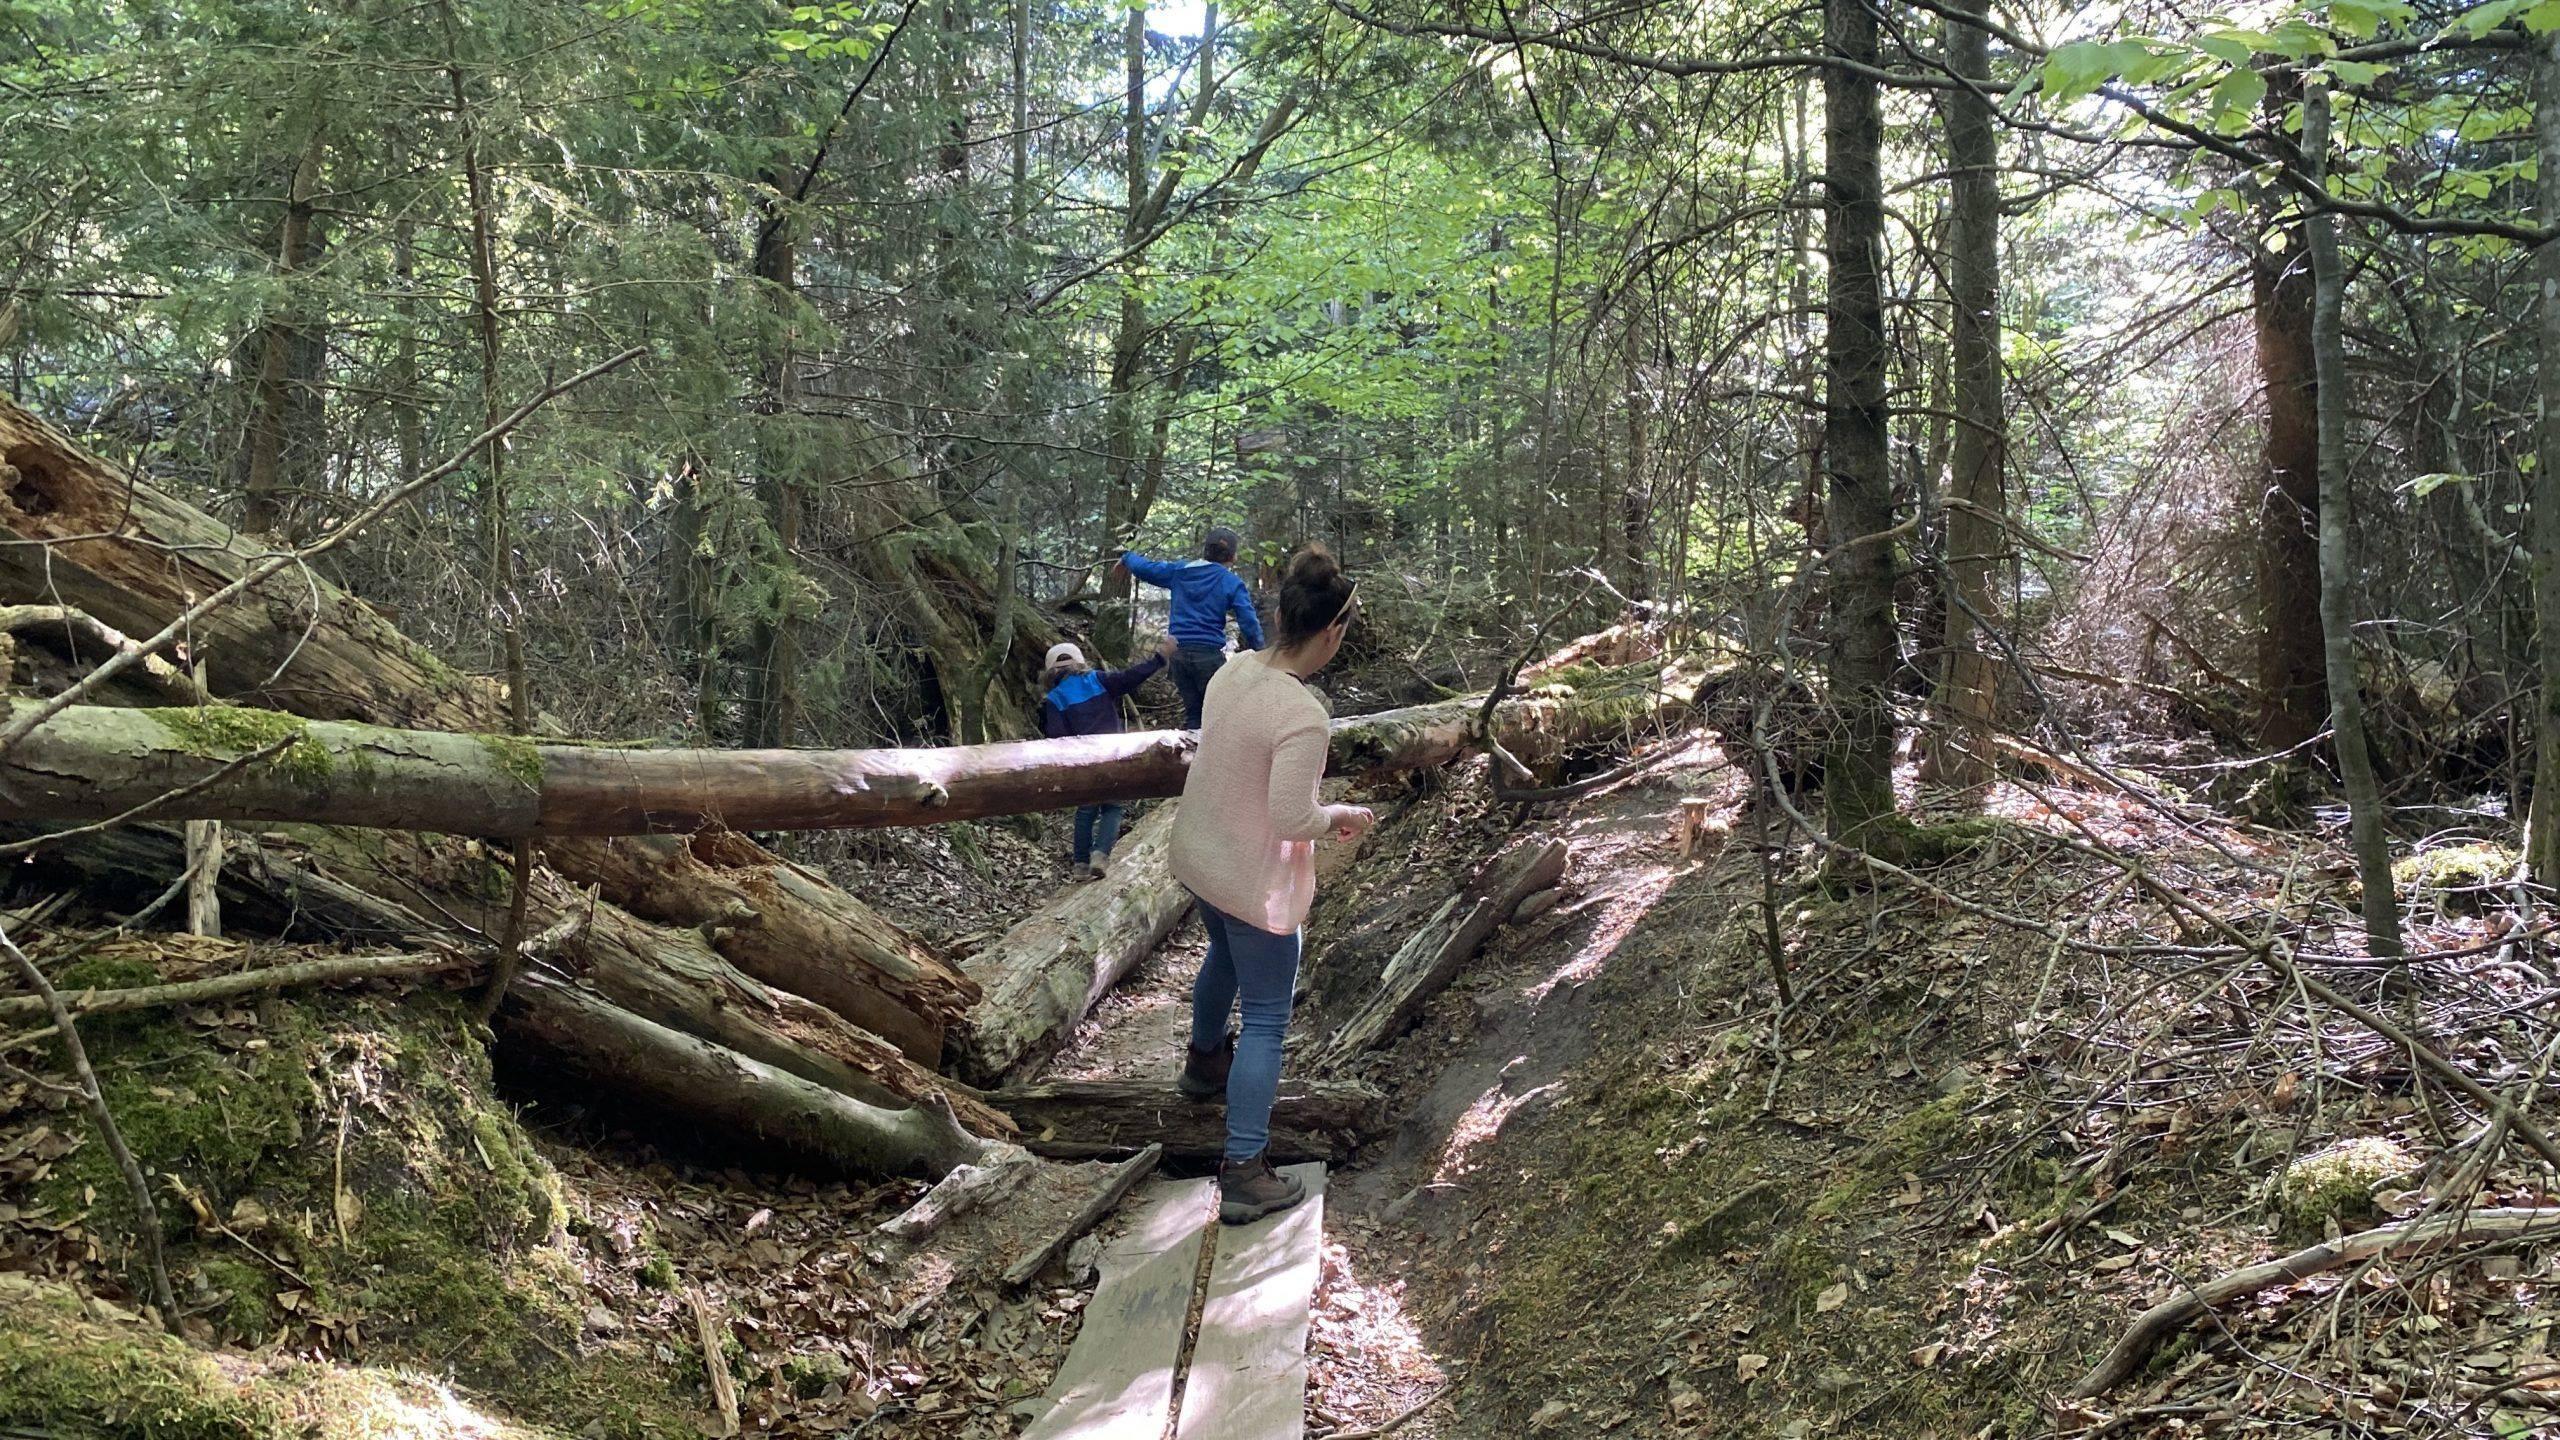 You are currently viewing Wildnispfad – Wandern mit den Kindern in der wilden Natur des nördlichen Schwarzwalds